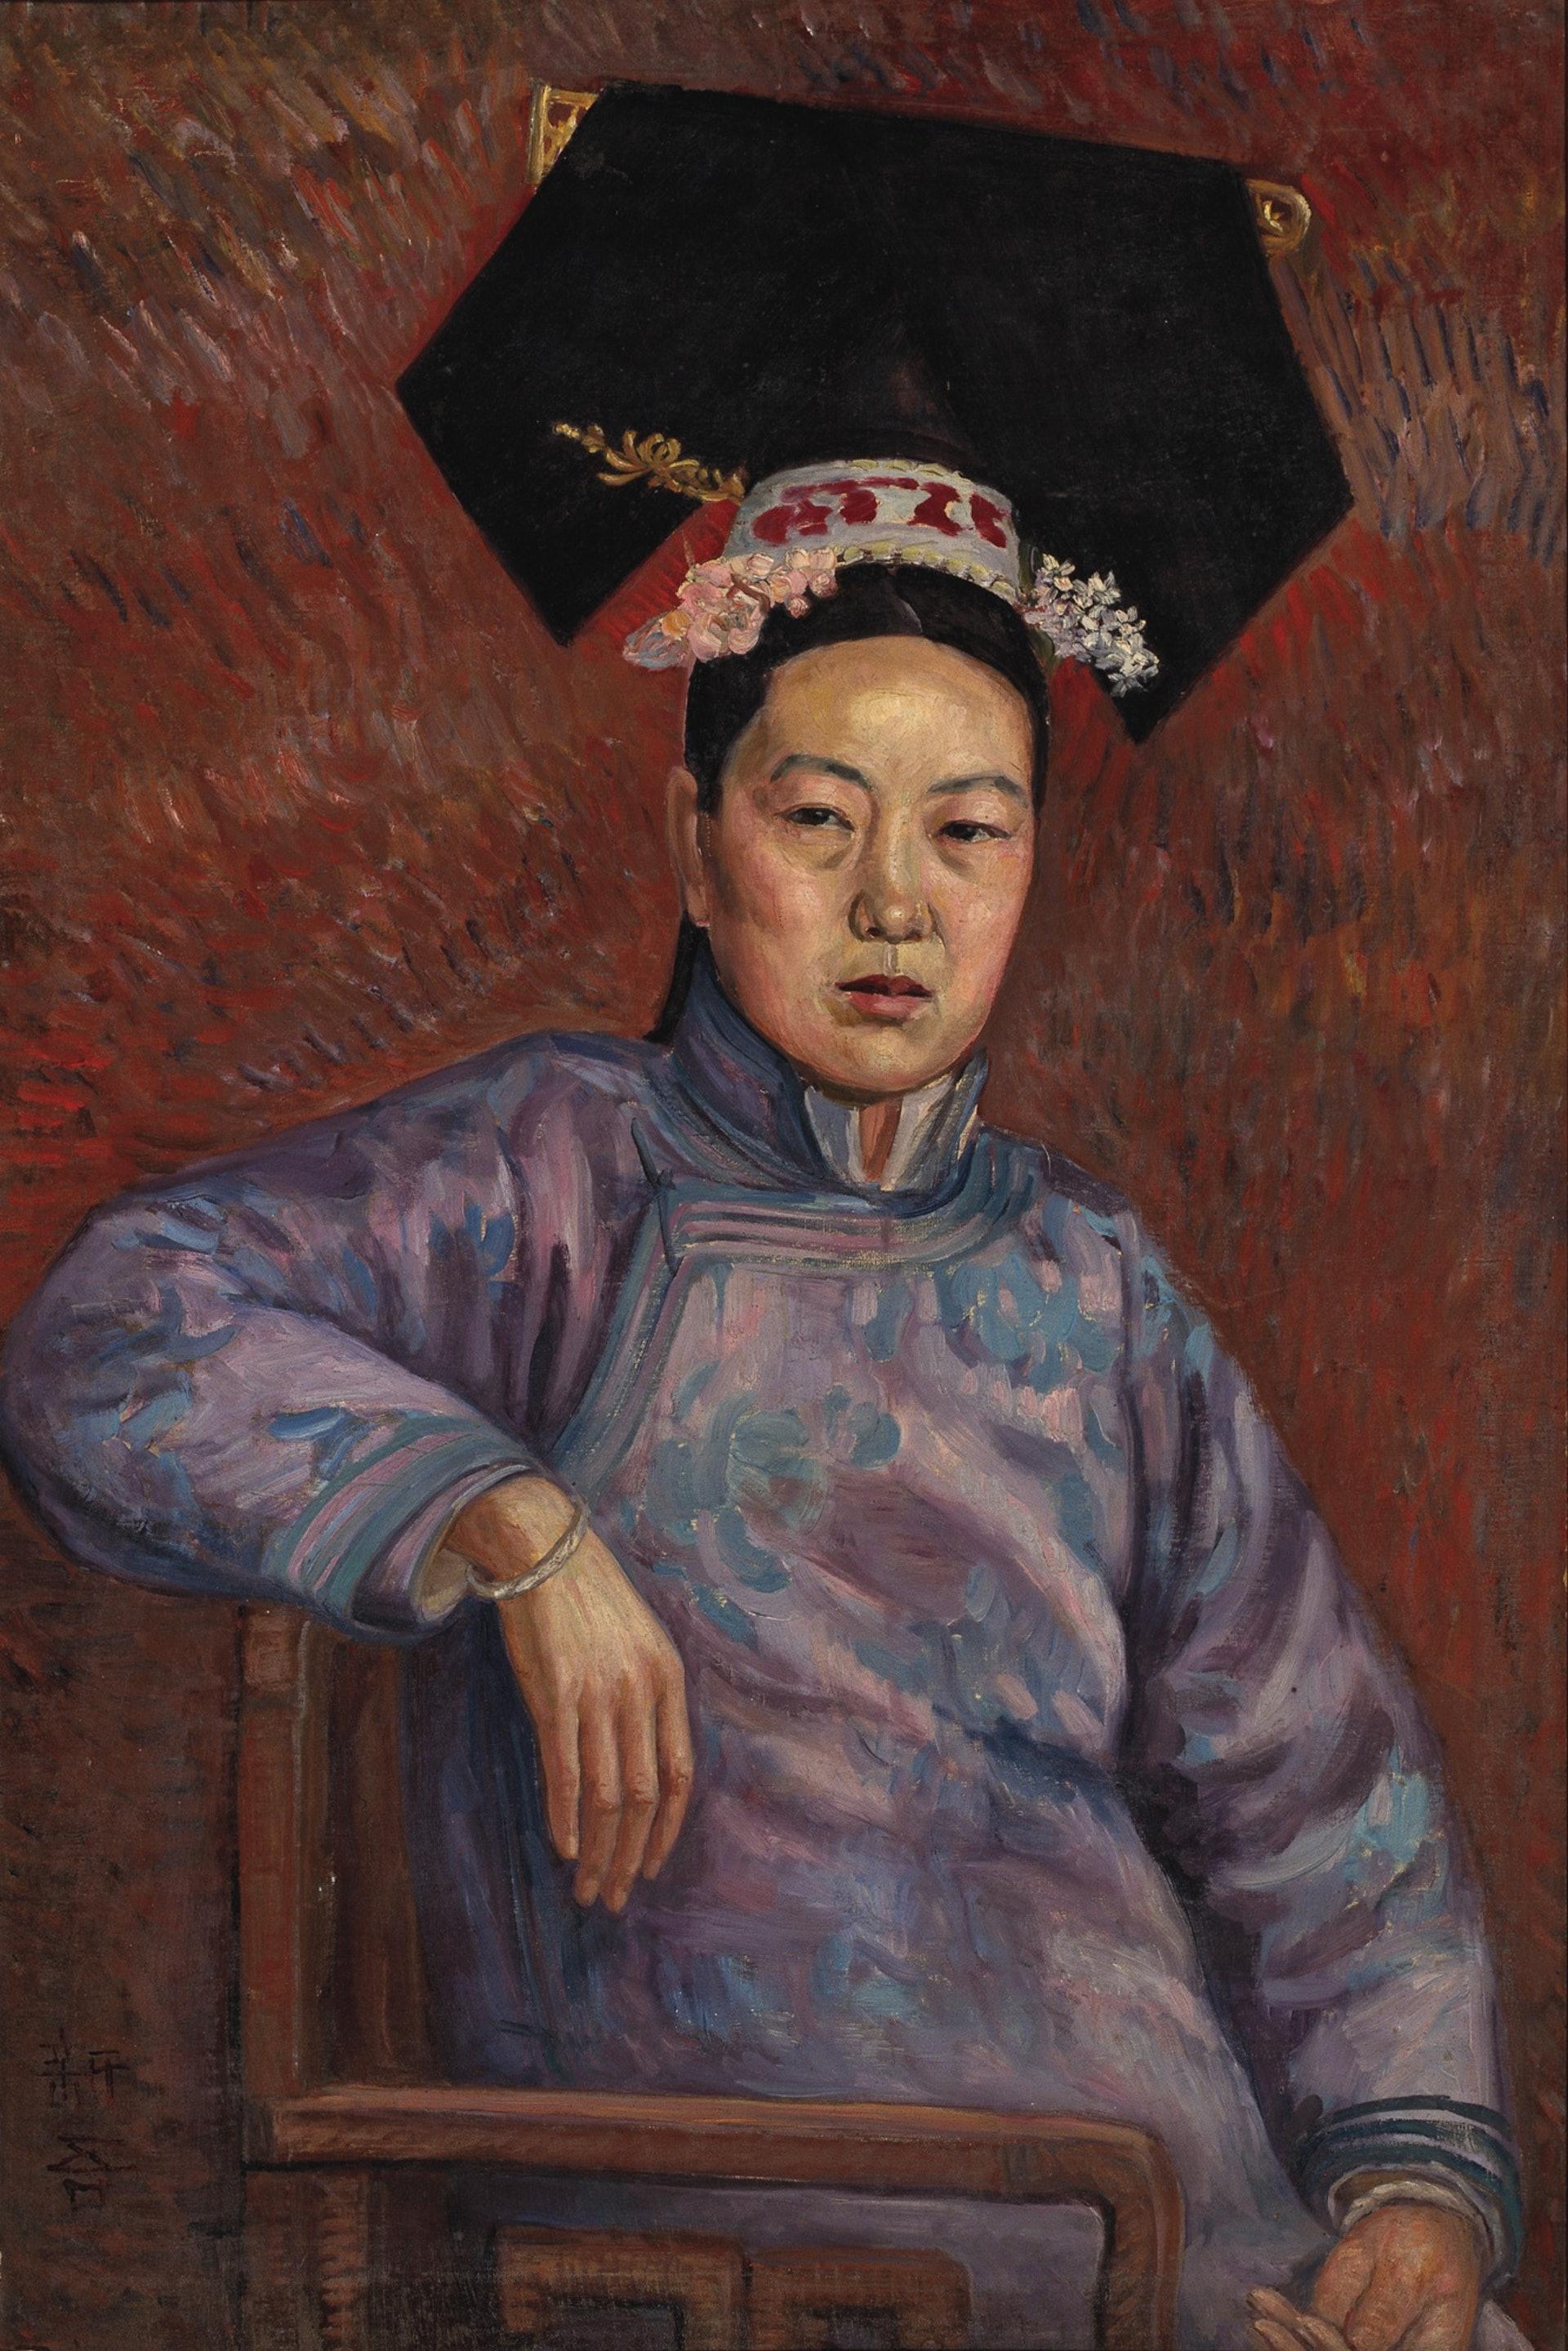 吳法鼎《旗裝女人像》(1920年代,布面油彩)